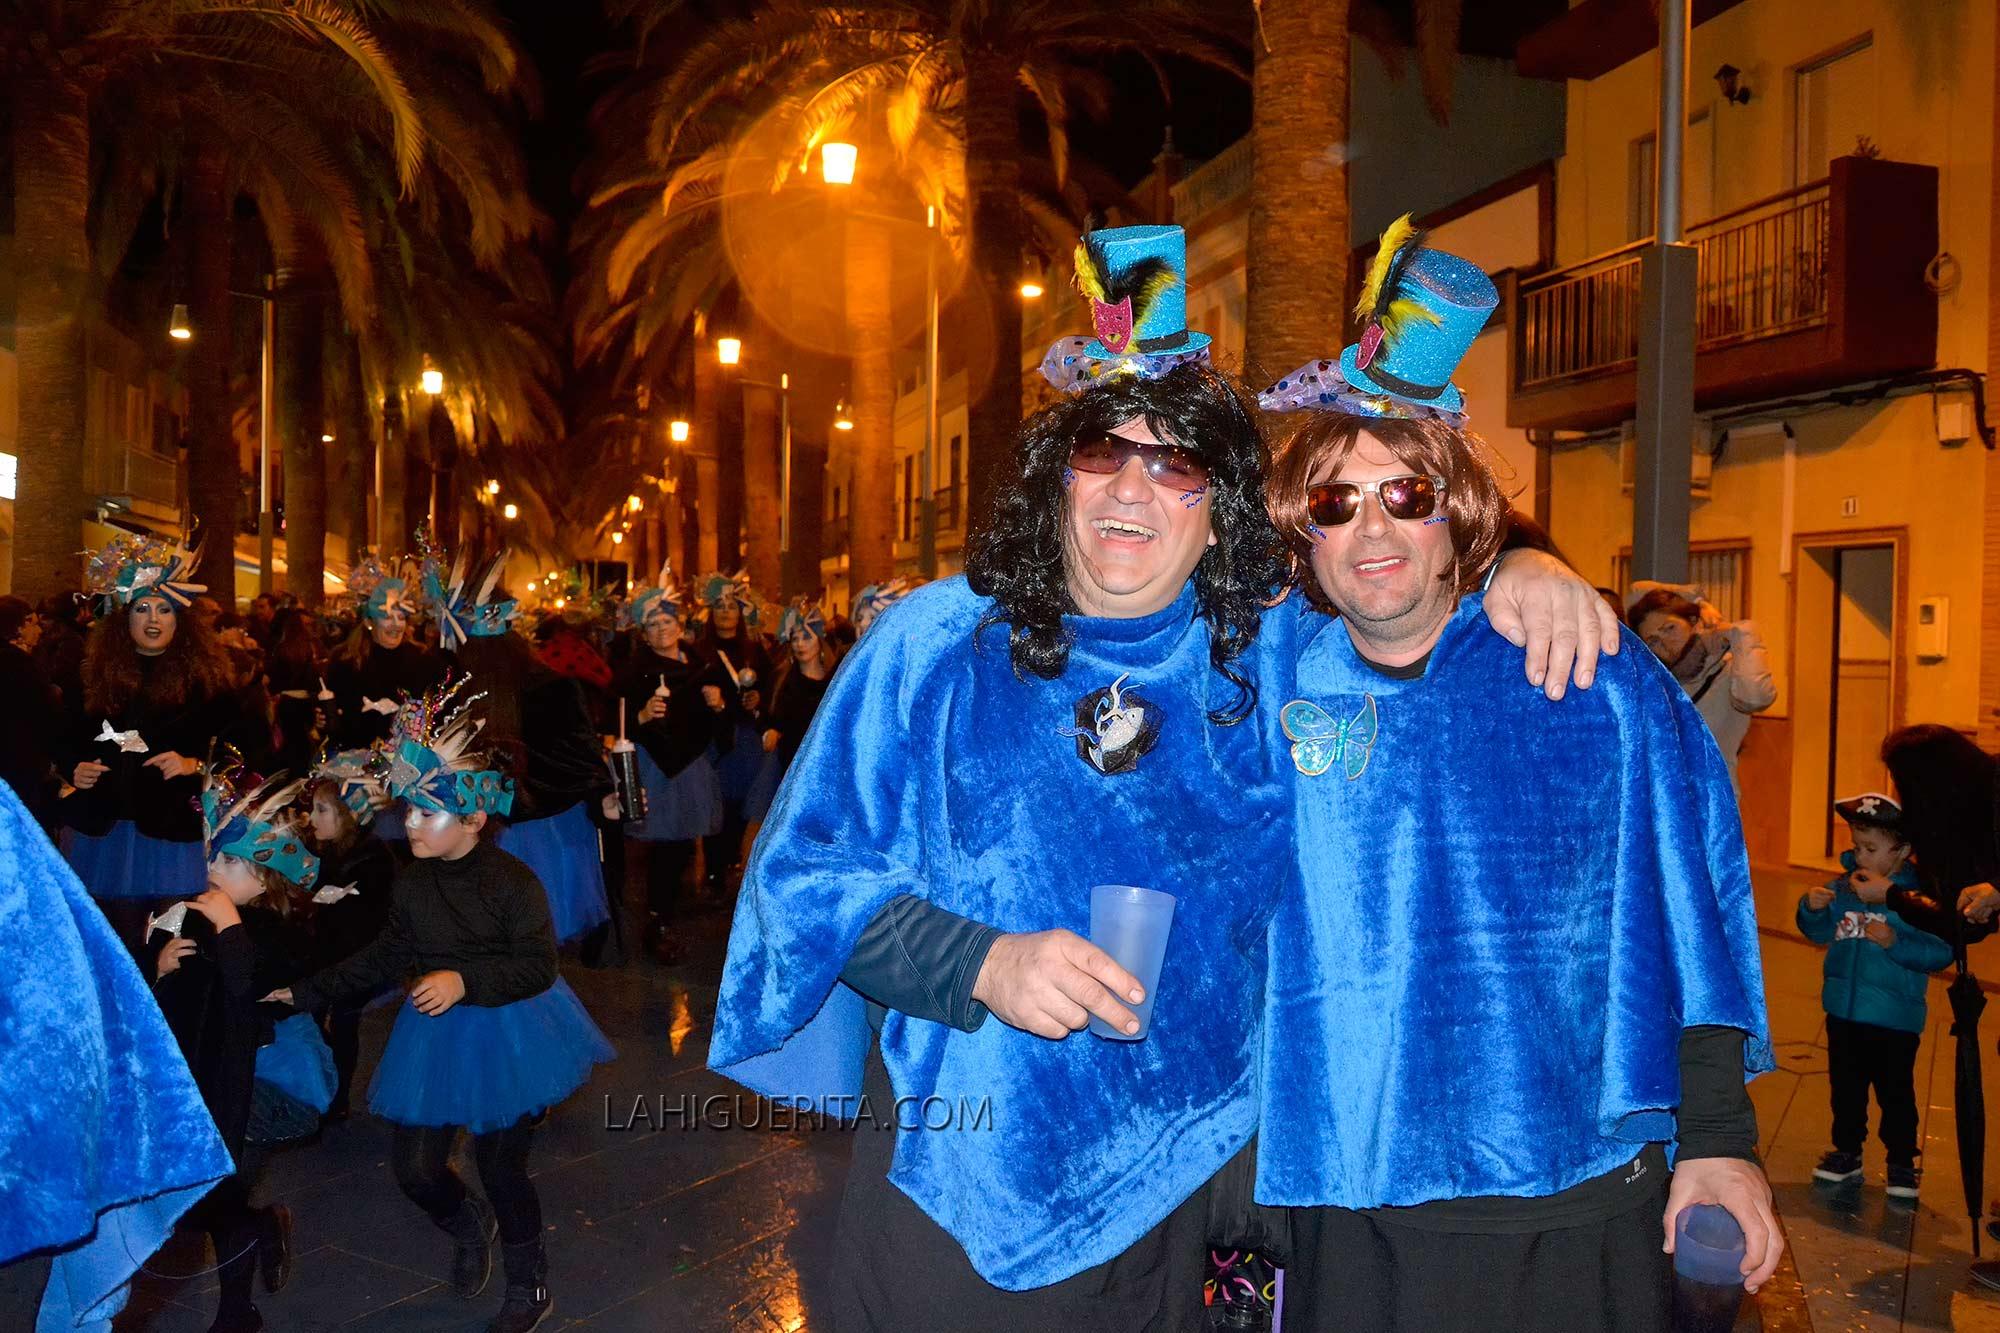 Entierro de la sardina carnaval isla cristina _DSC2165